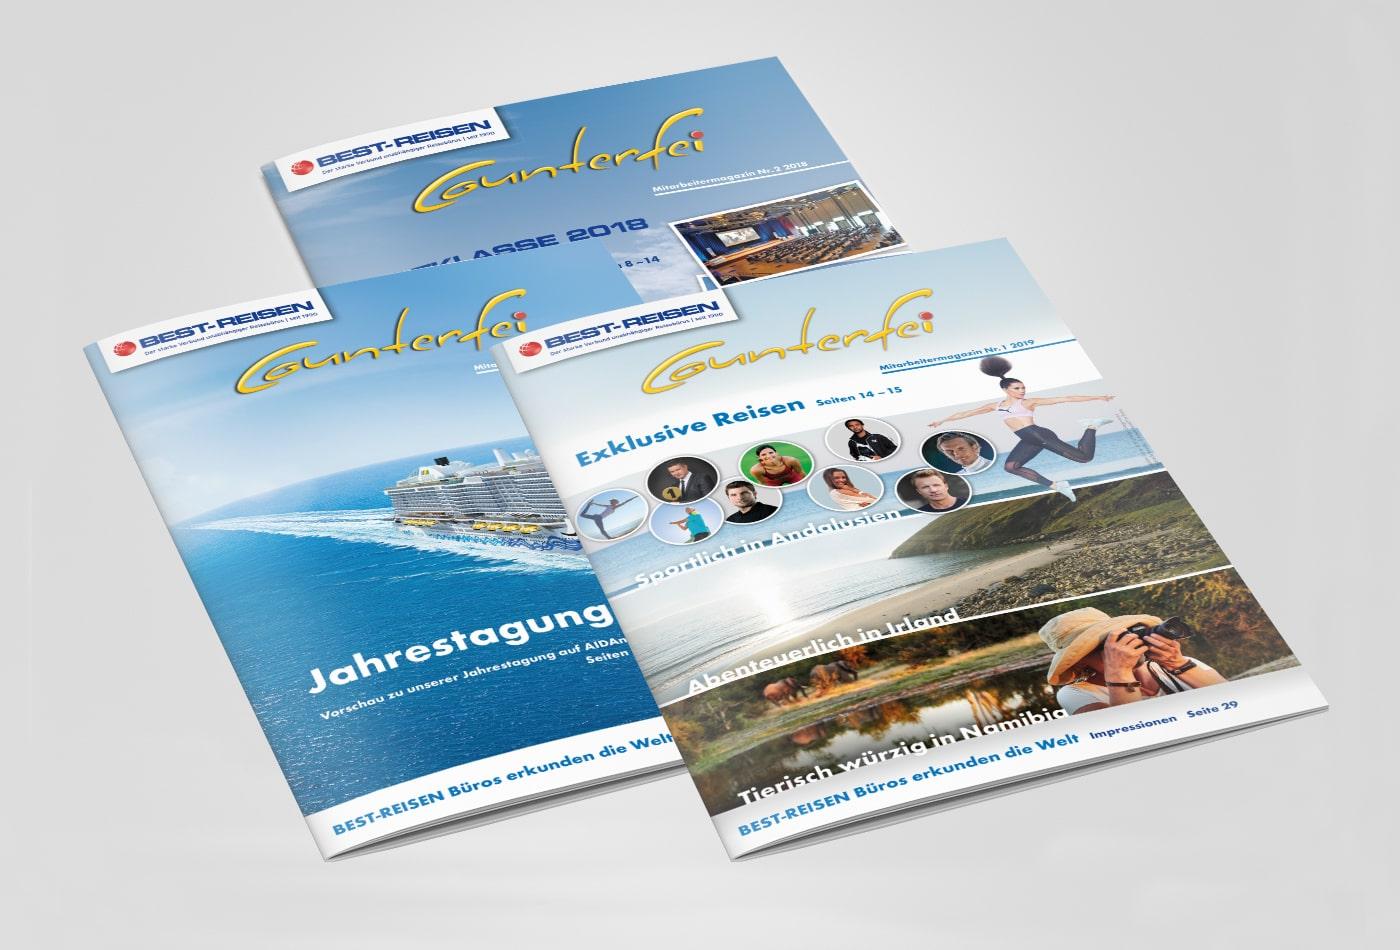 wildefreunde-kunde-bestreisen-mitarbeitermagazin-1400x950-min